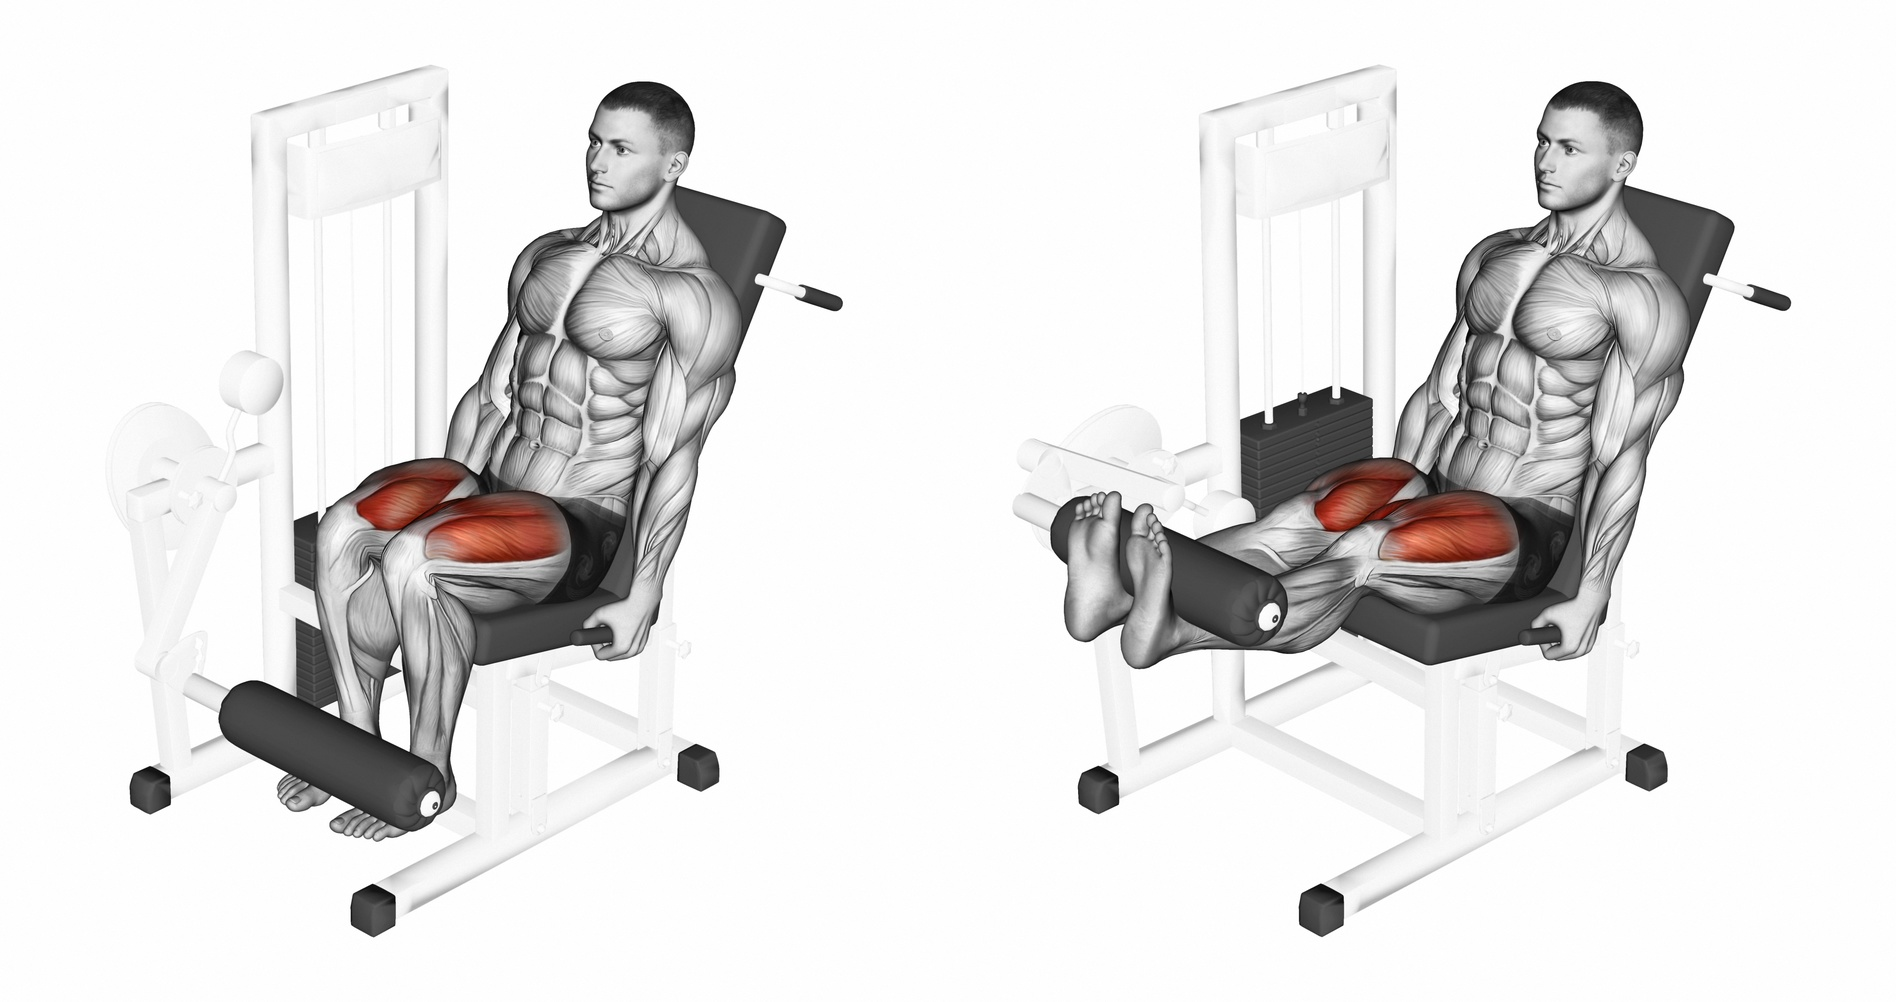 Безопасно ли разгибать колени в тренажере?